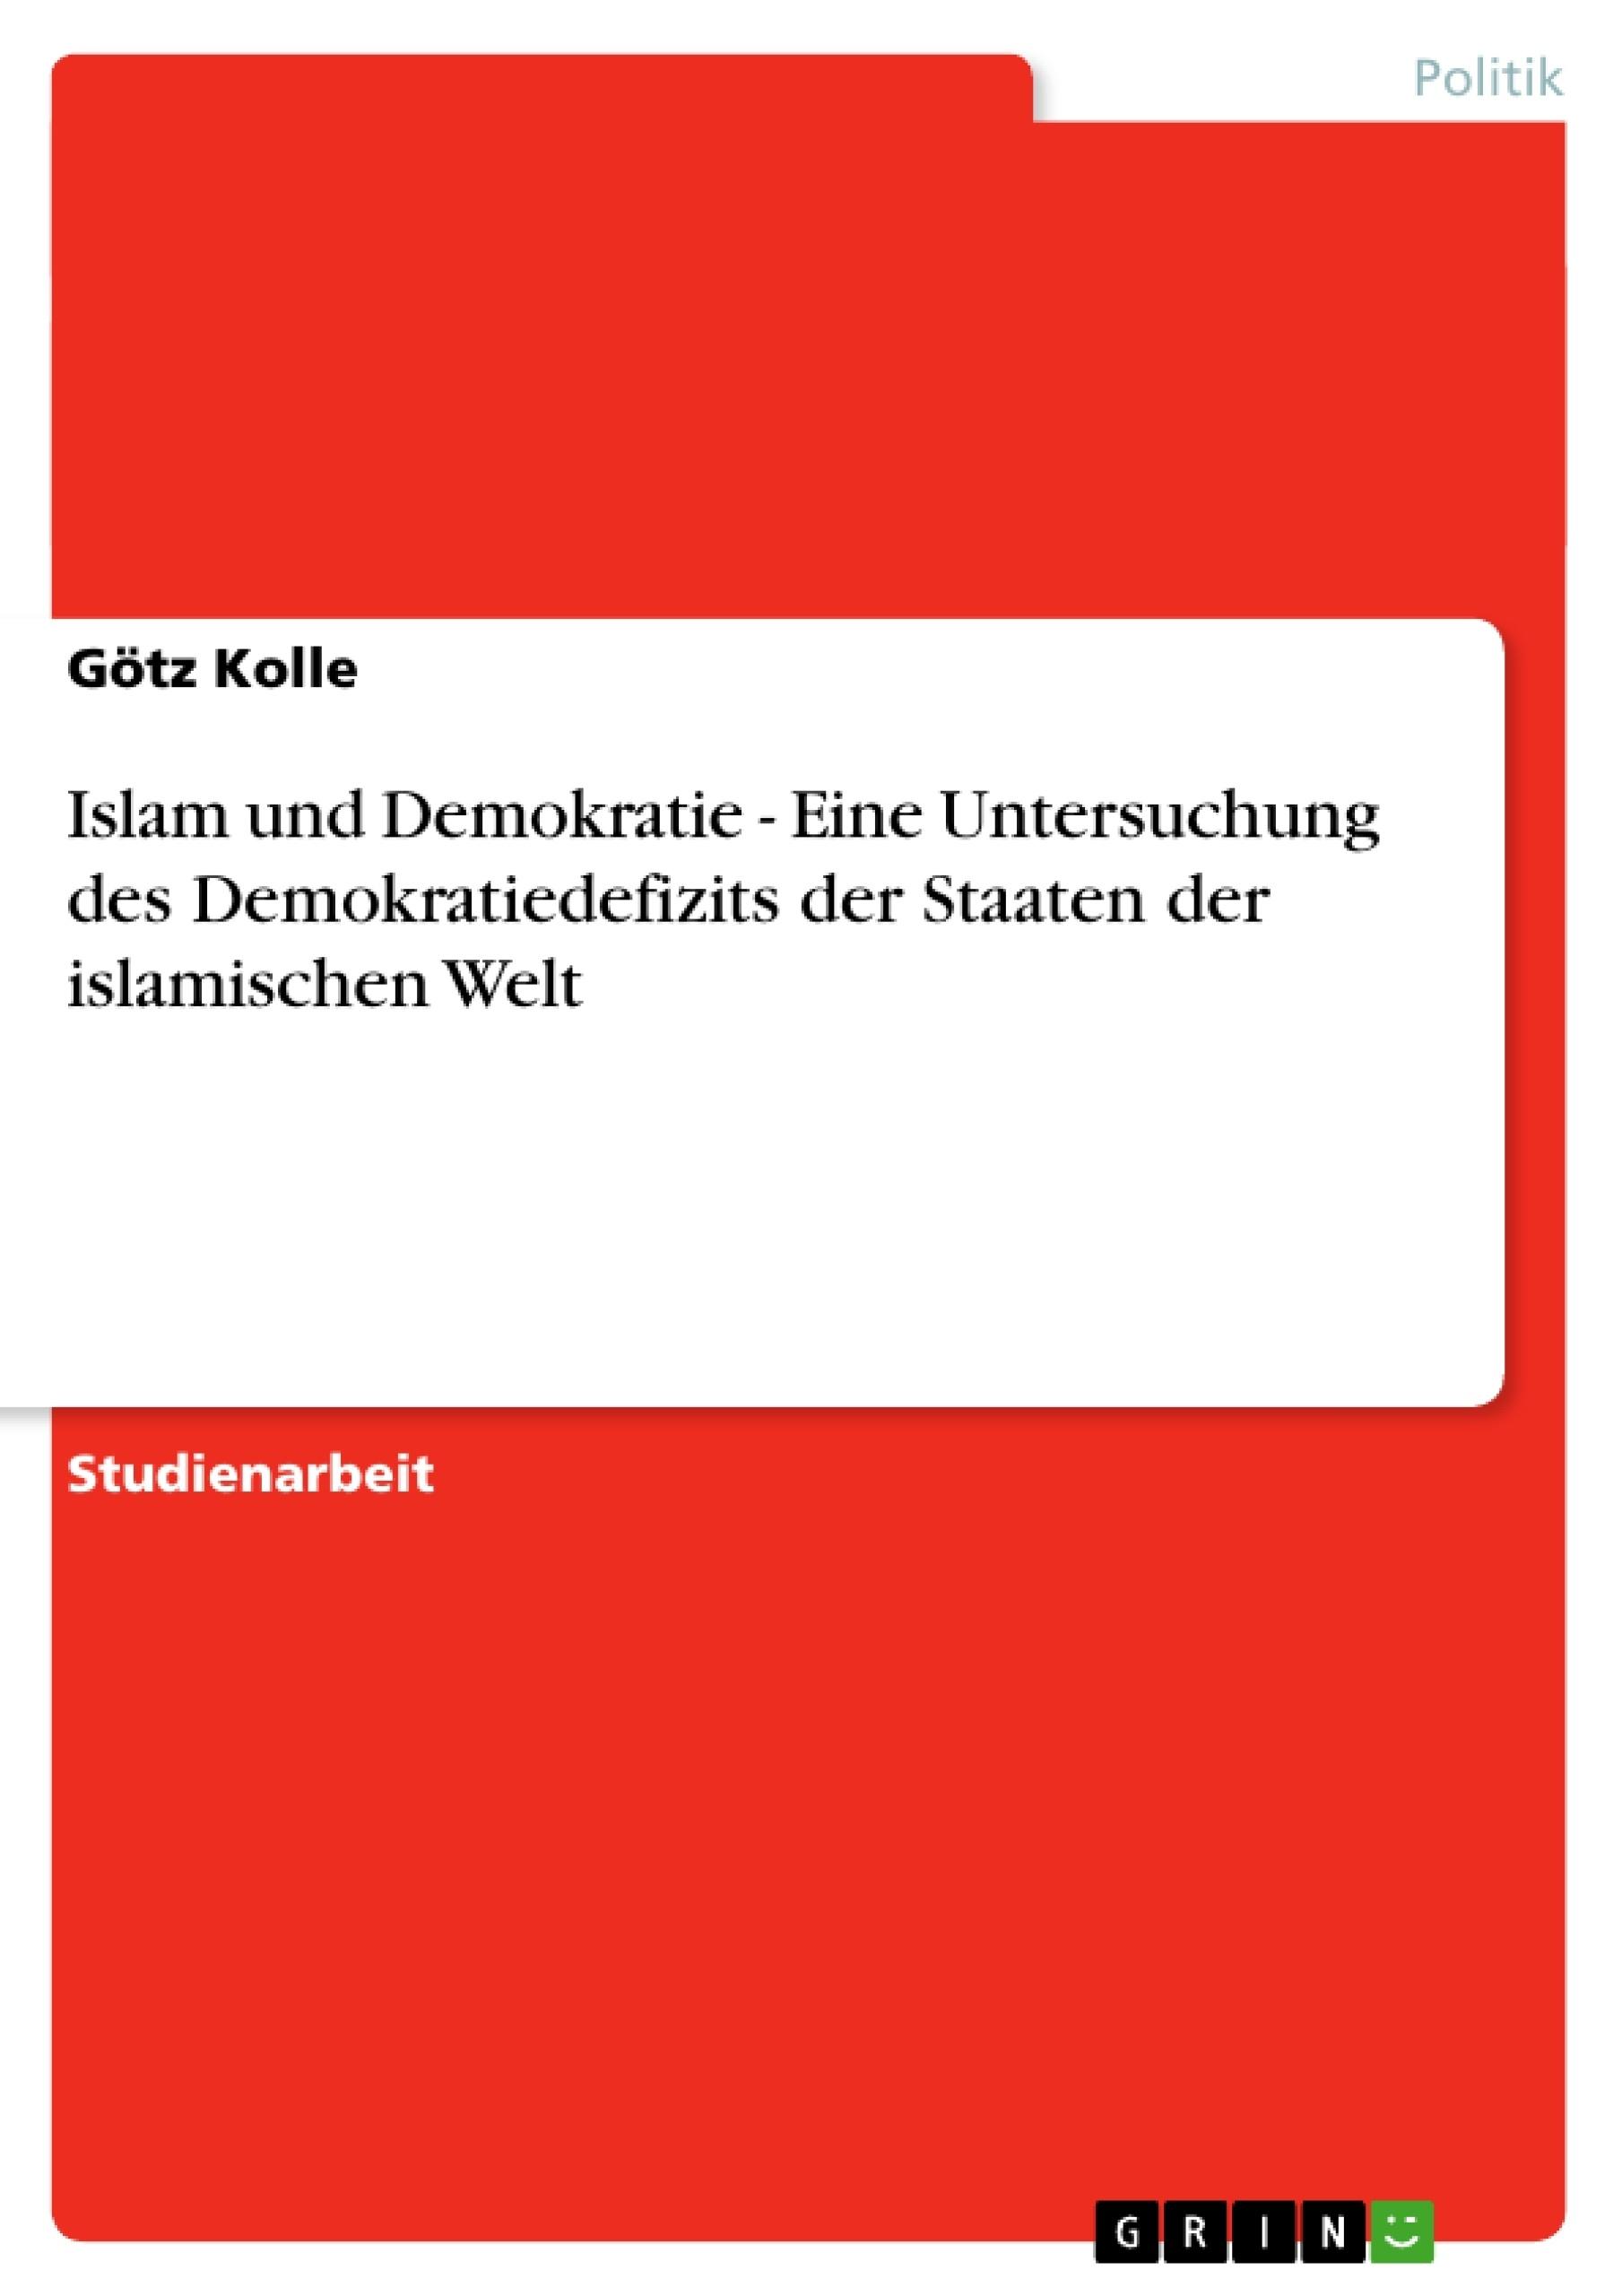 Titel: Islam und Demokratie - Eine Untersuchung des Demokratiedefizits der Staaten der islamischen Welt